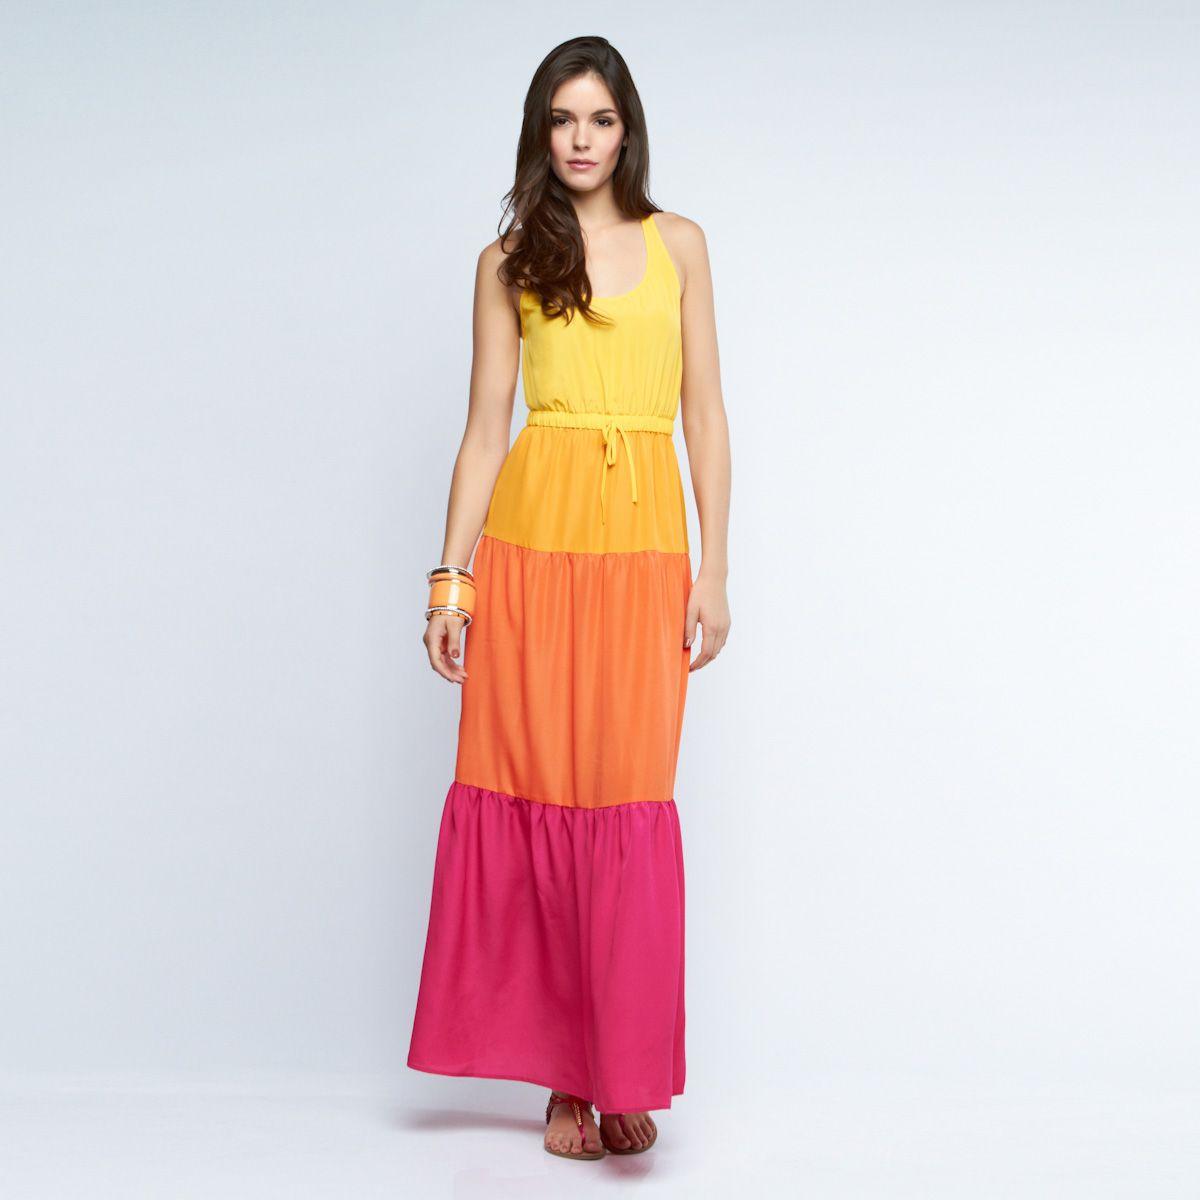 Evelynn Dress